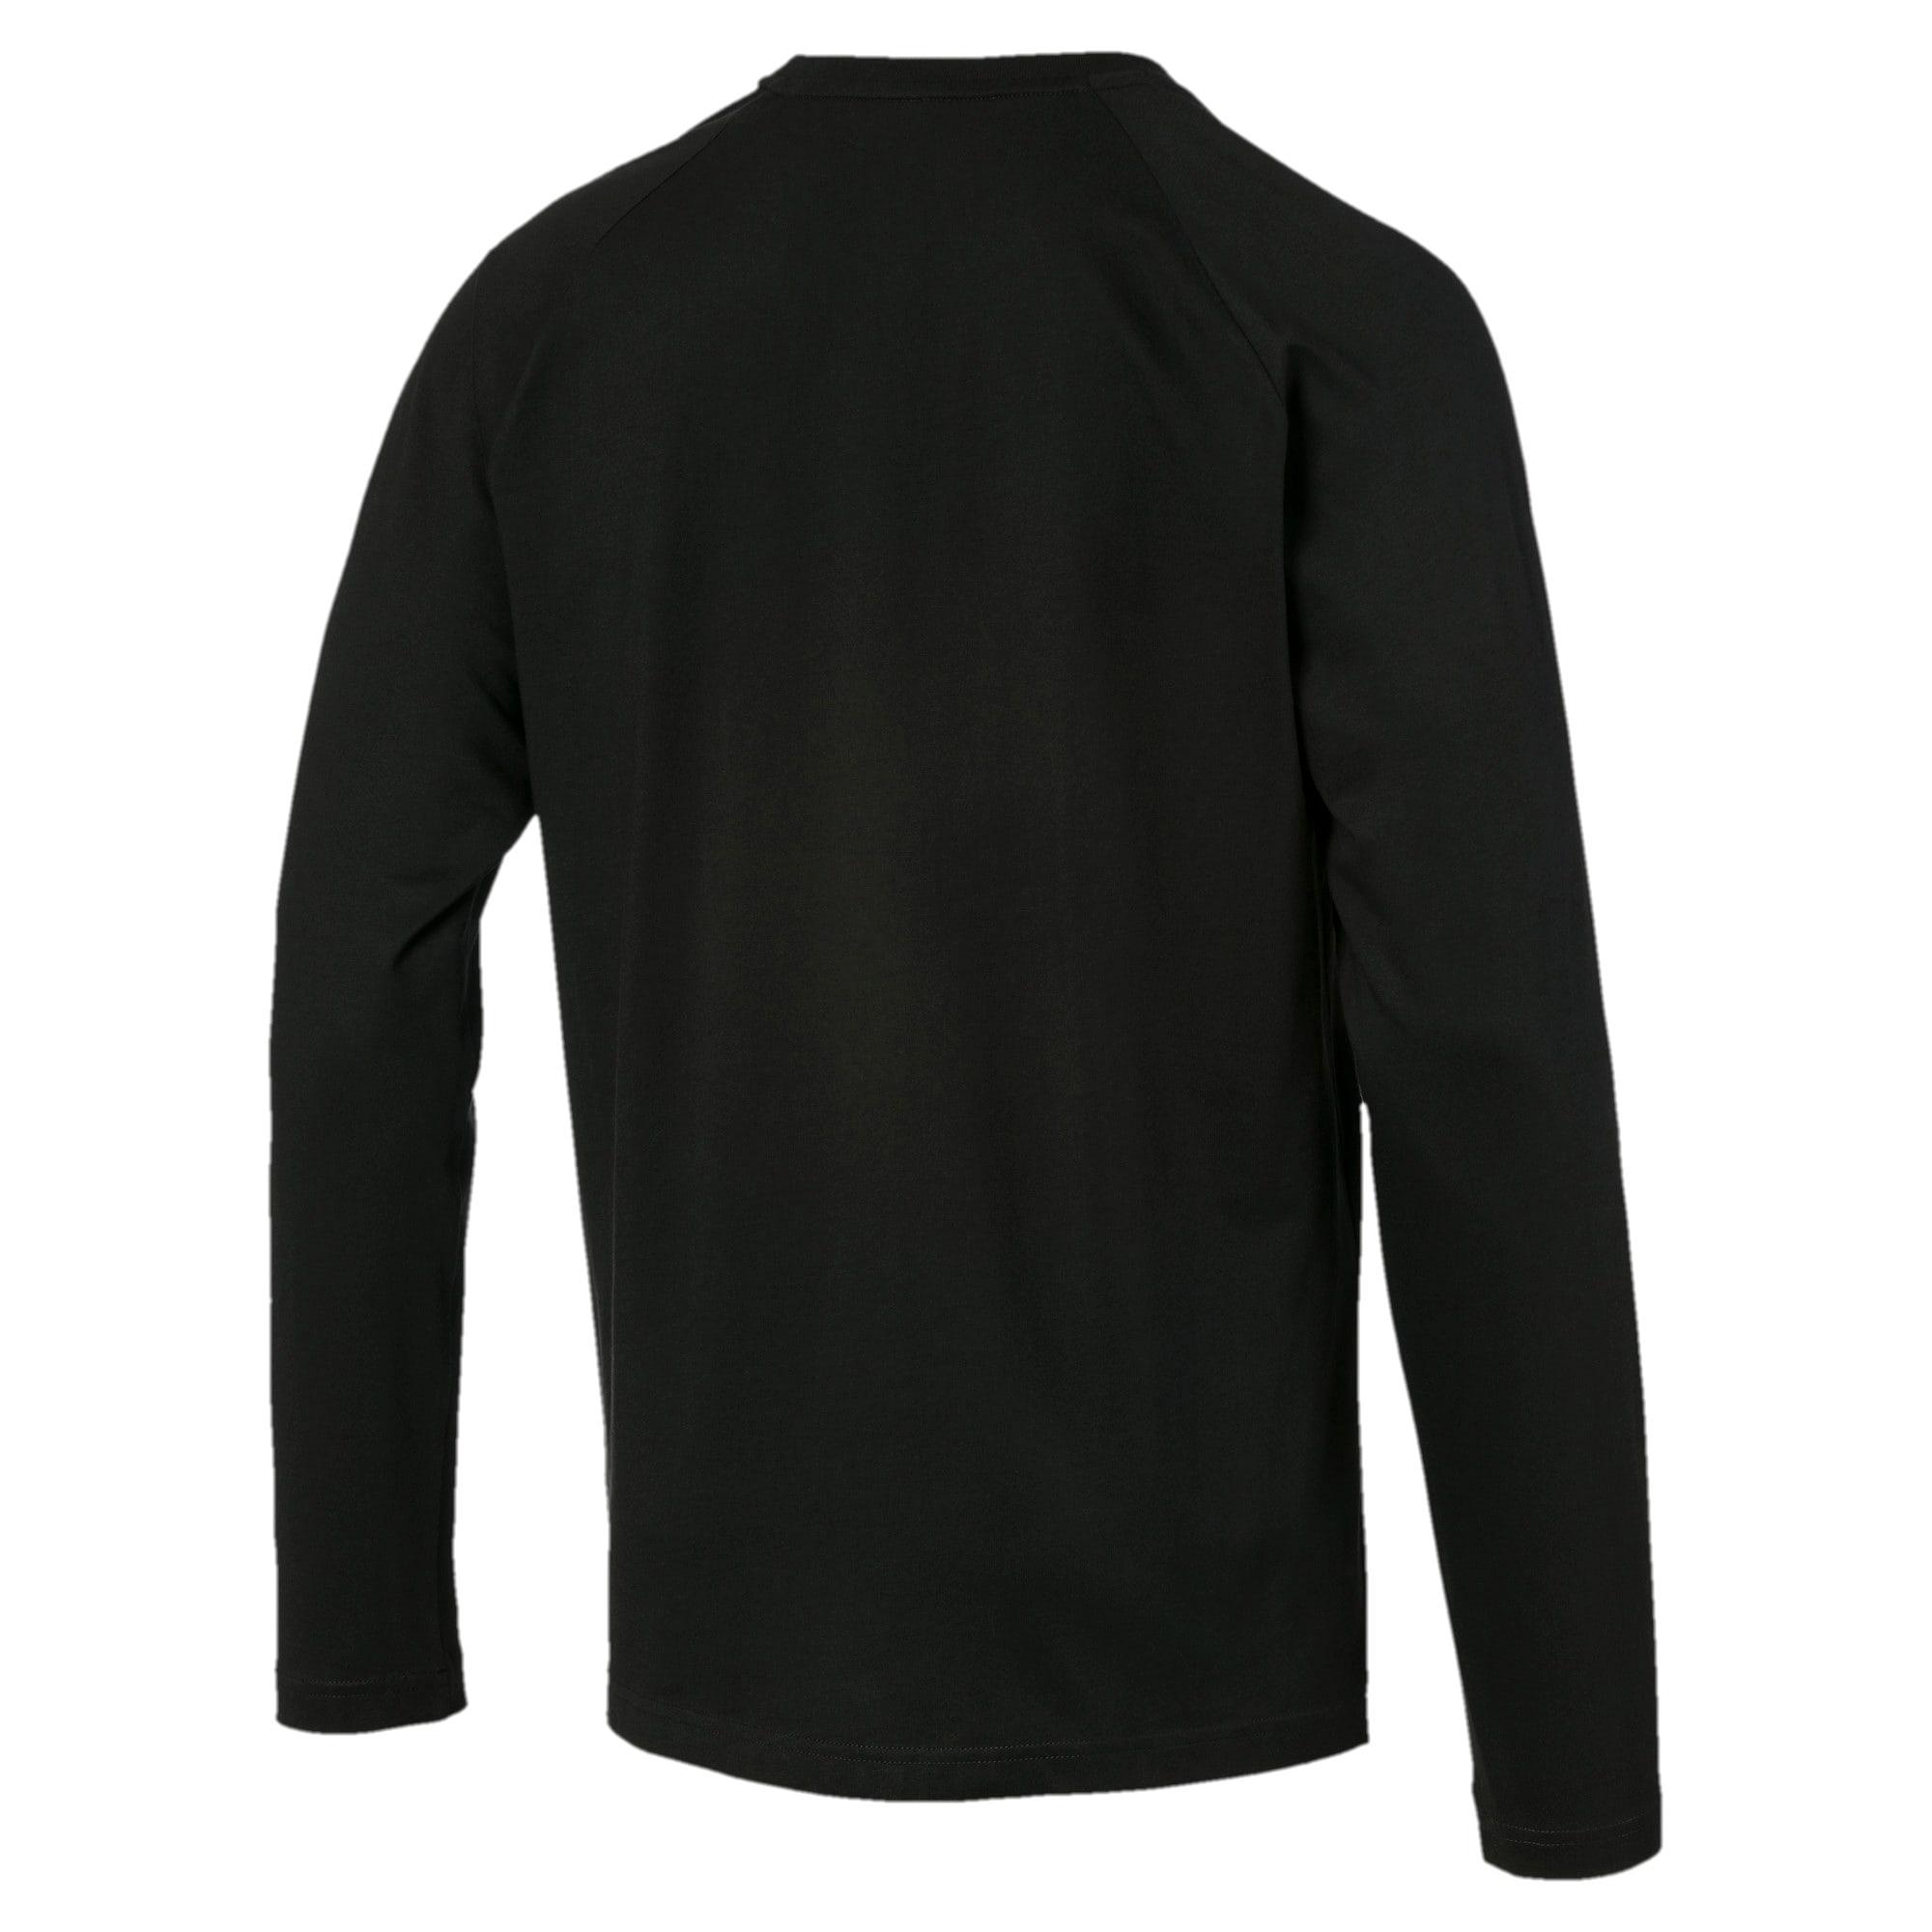 Miniatura 5 de Camiseta de mangas largas Modern Sports para hombre, Puma Black, mediano